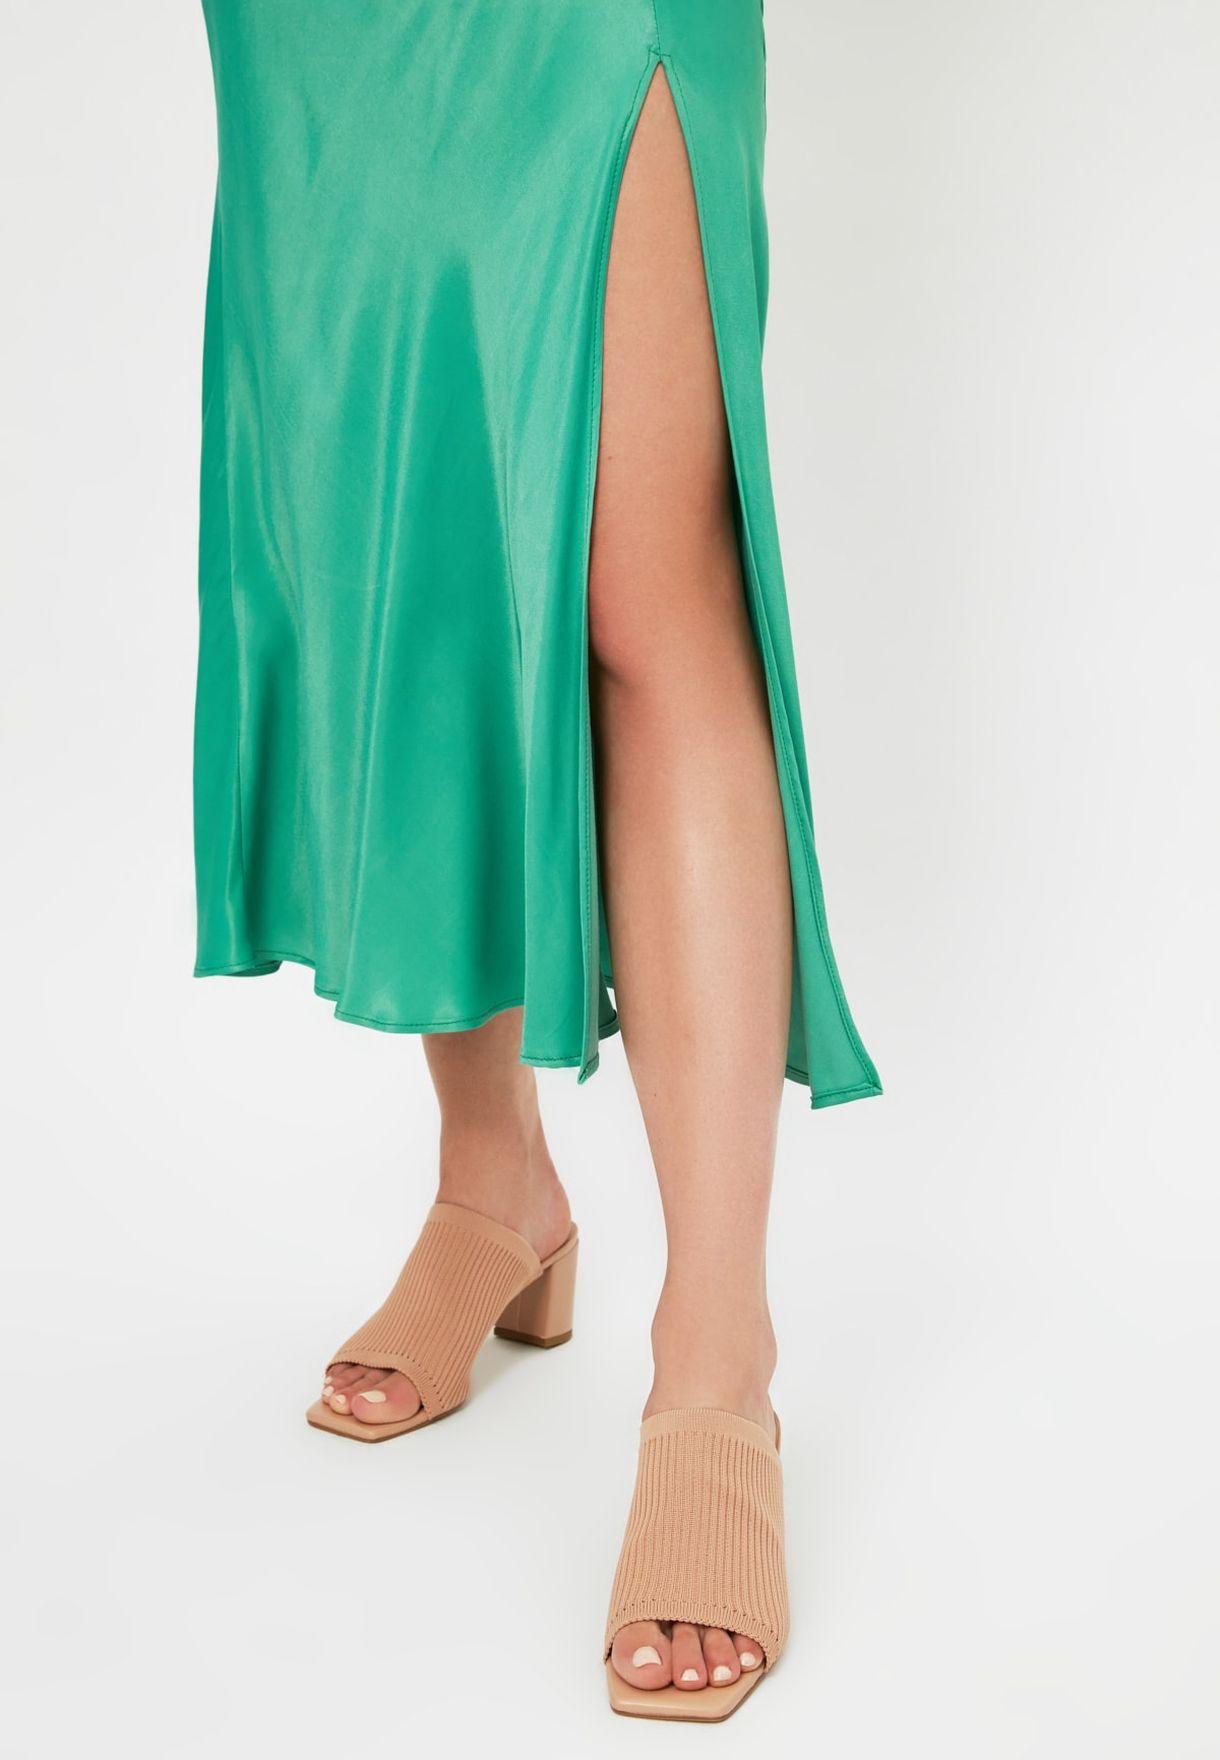 Mink Women'S Slippers